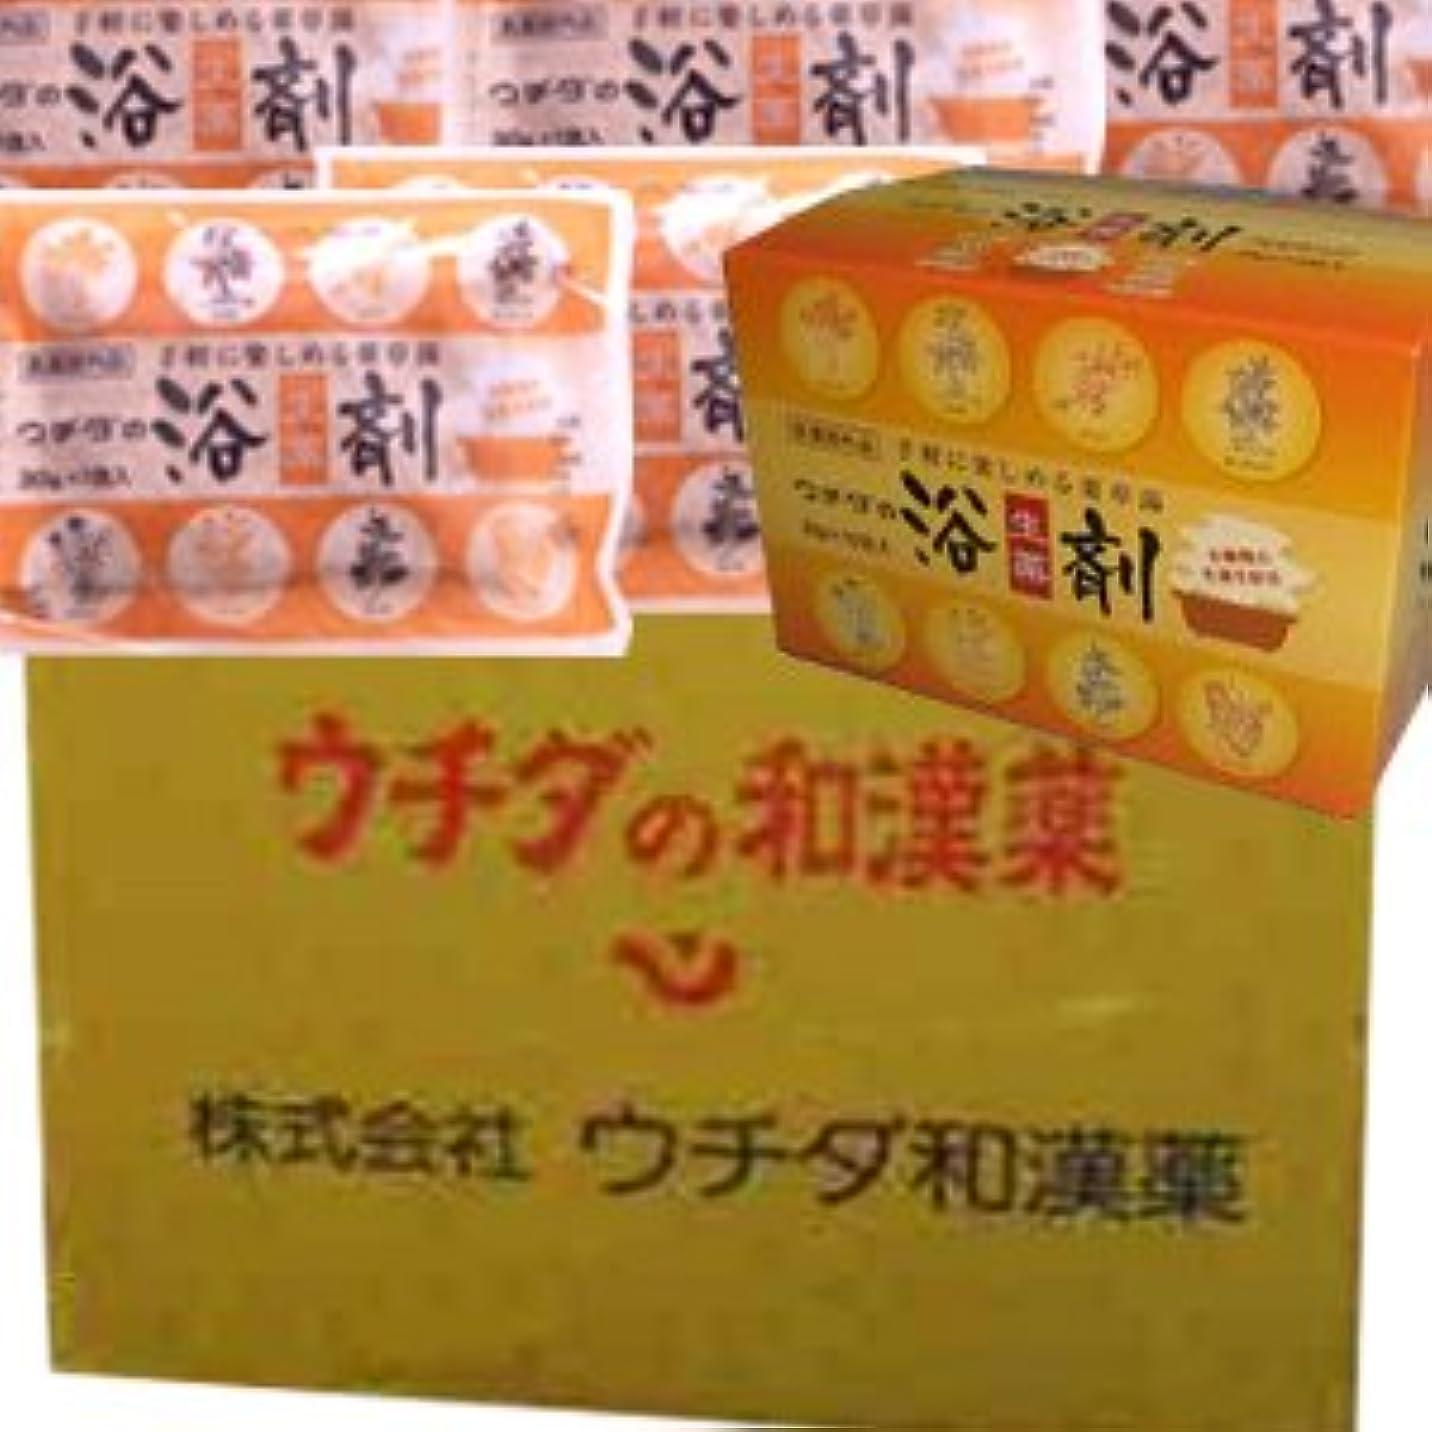 稚魚メタリックねじれ【12個1ケース】 ウチダの浴剤 30g×10袋入×12個+6袋 (4987359400025)